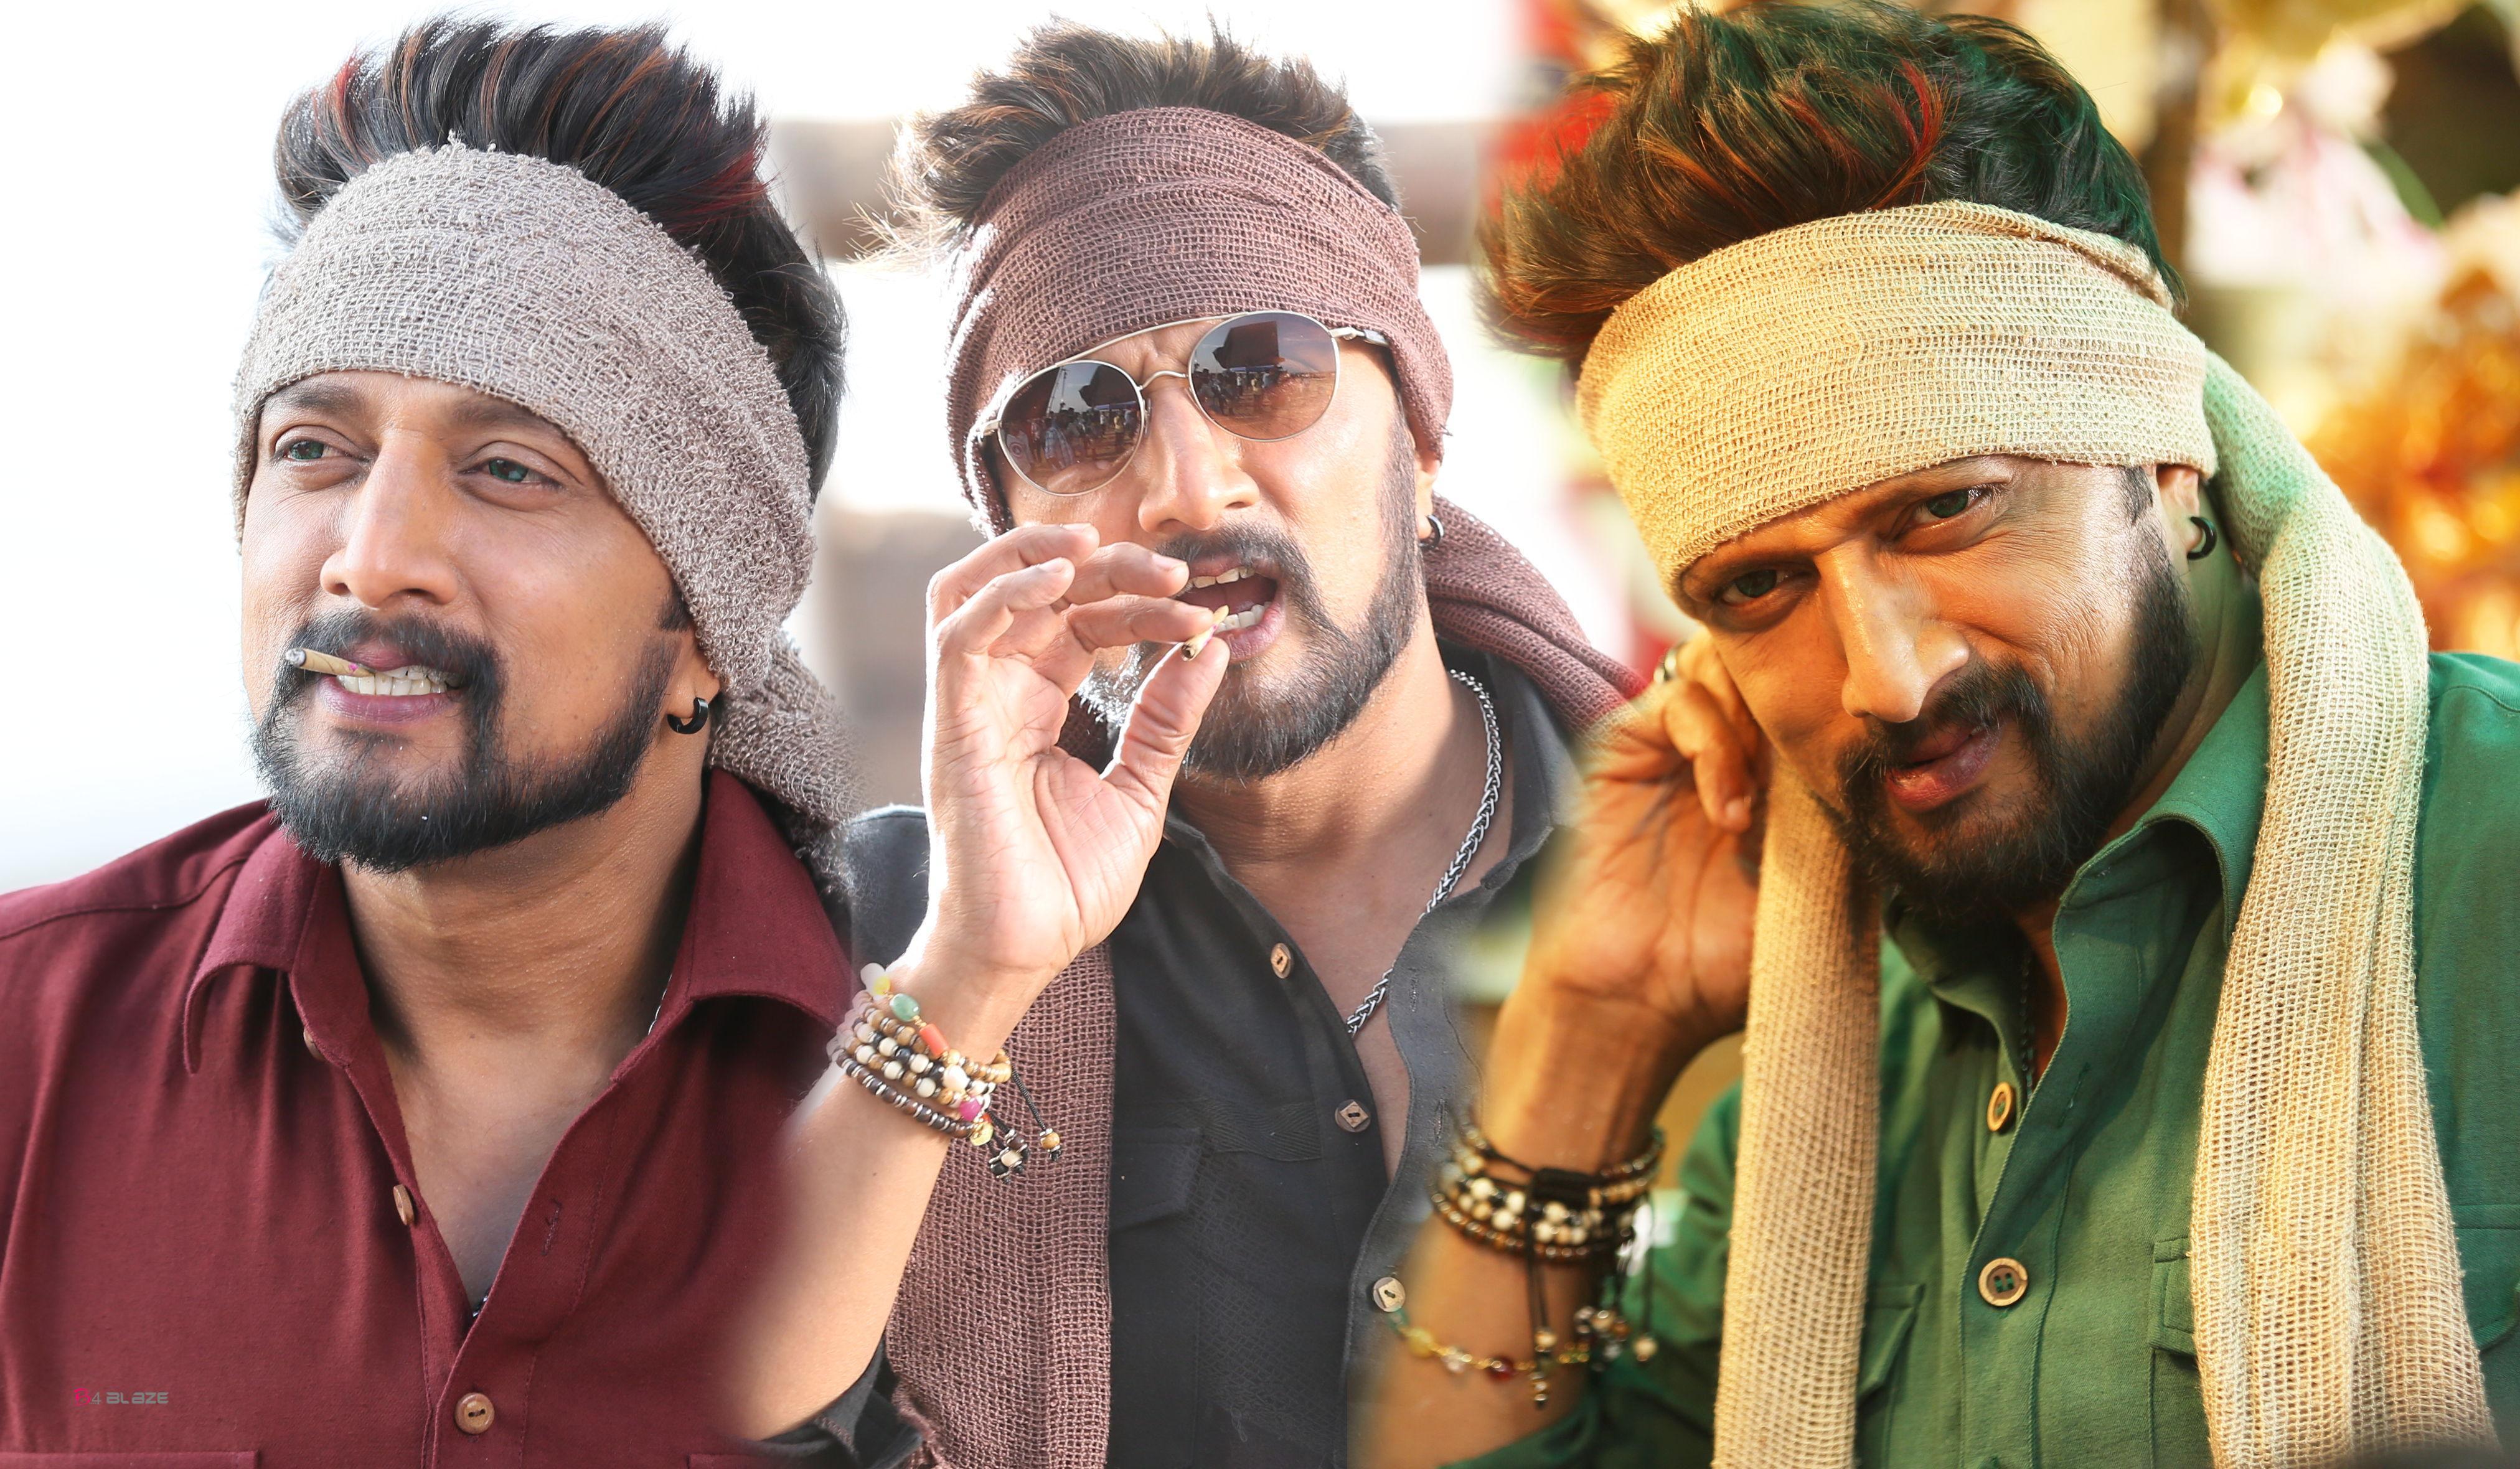 Kiccha-Sudeep-The-Villain-Kannada-Movie-HD-Images